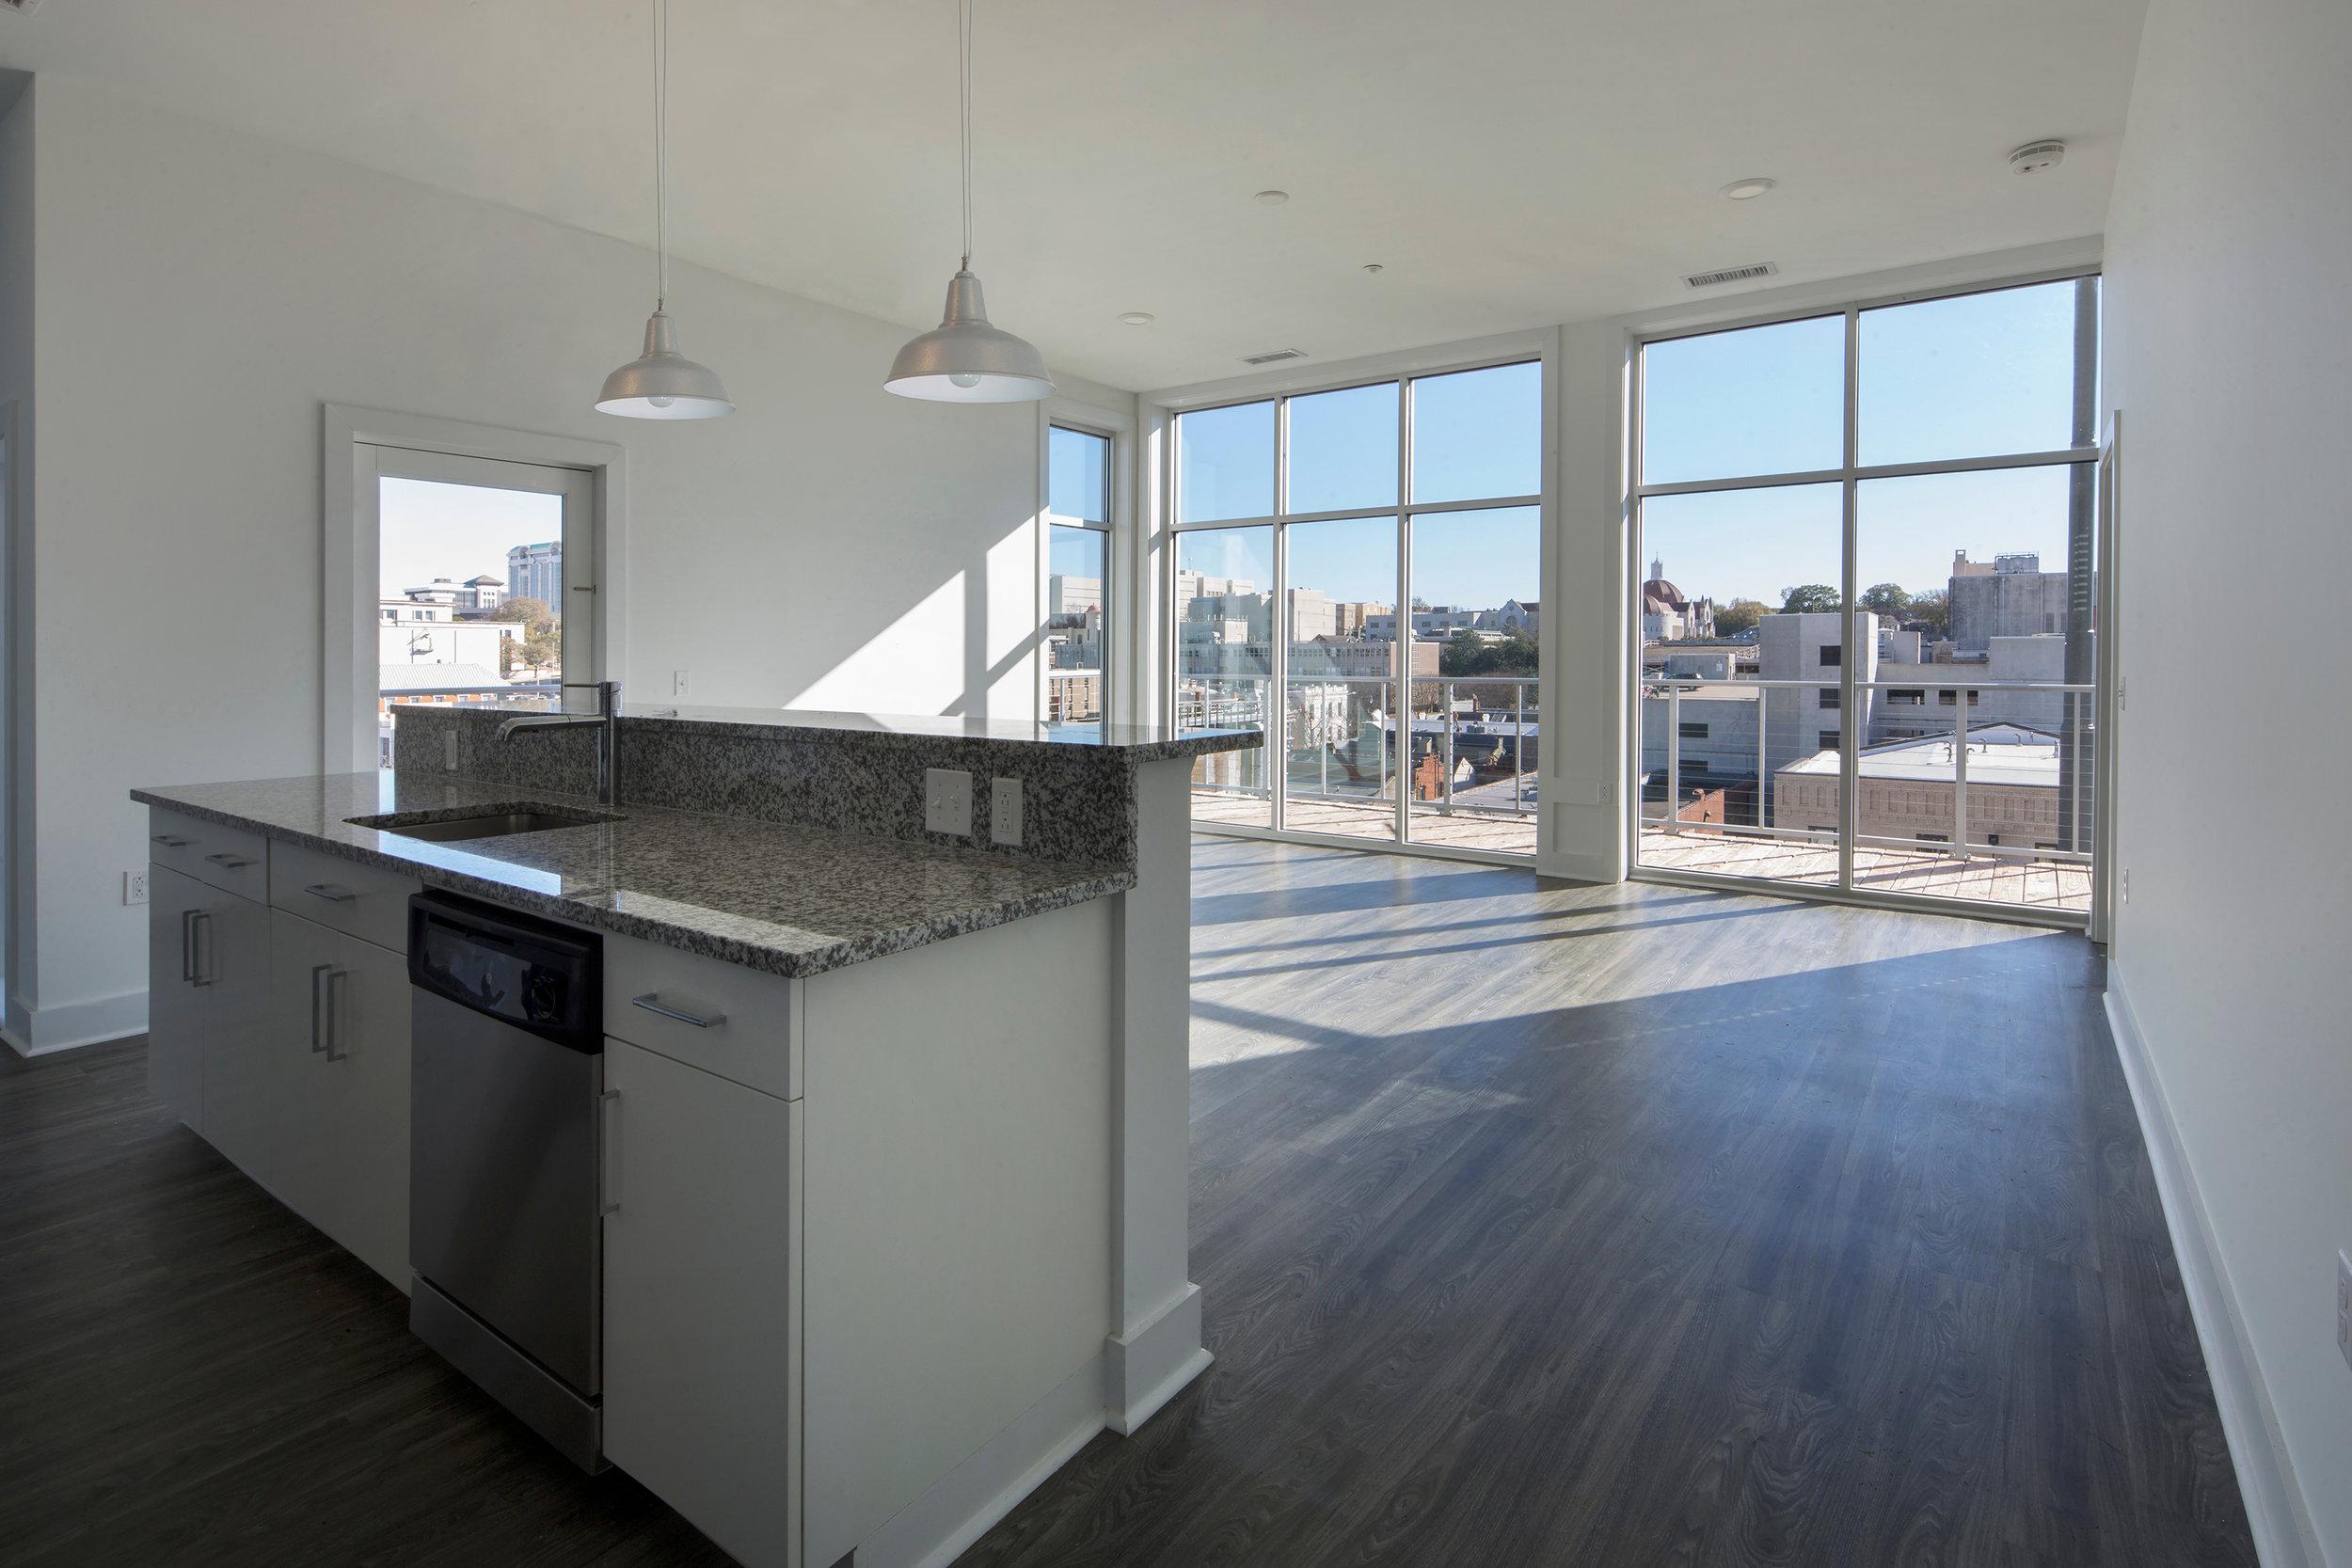 Kitchen - New Fixtures.jpg